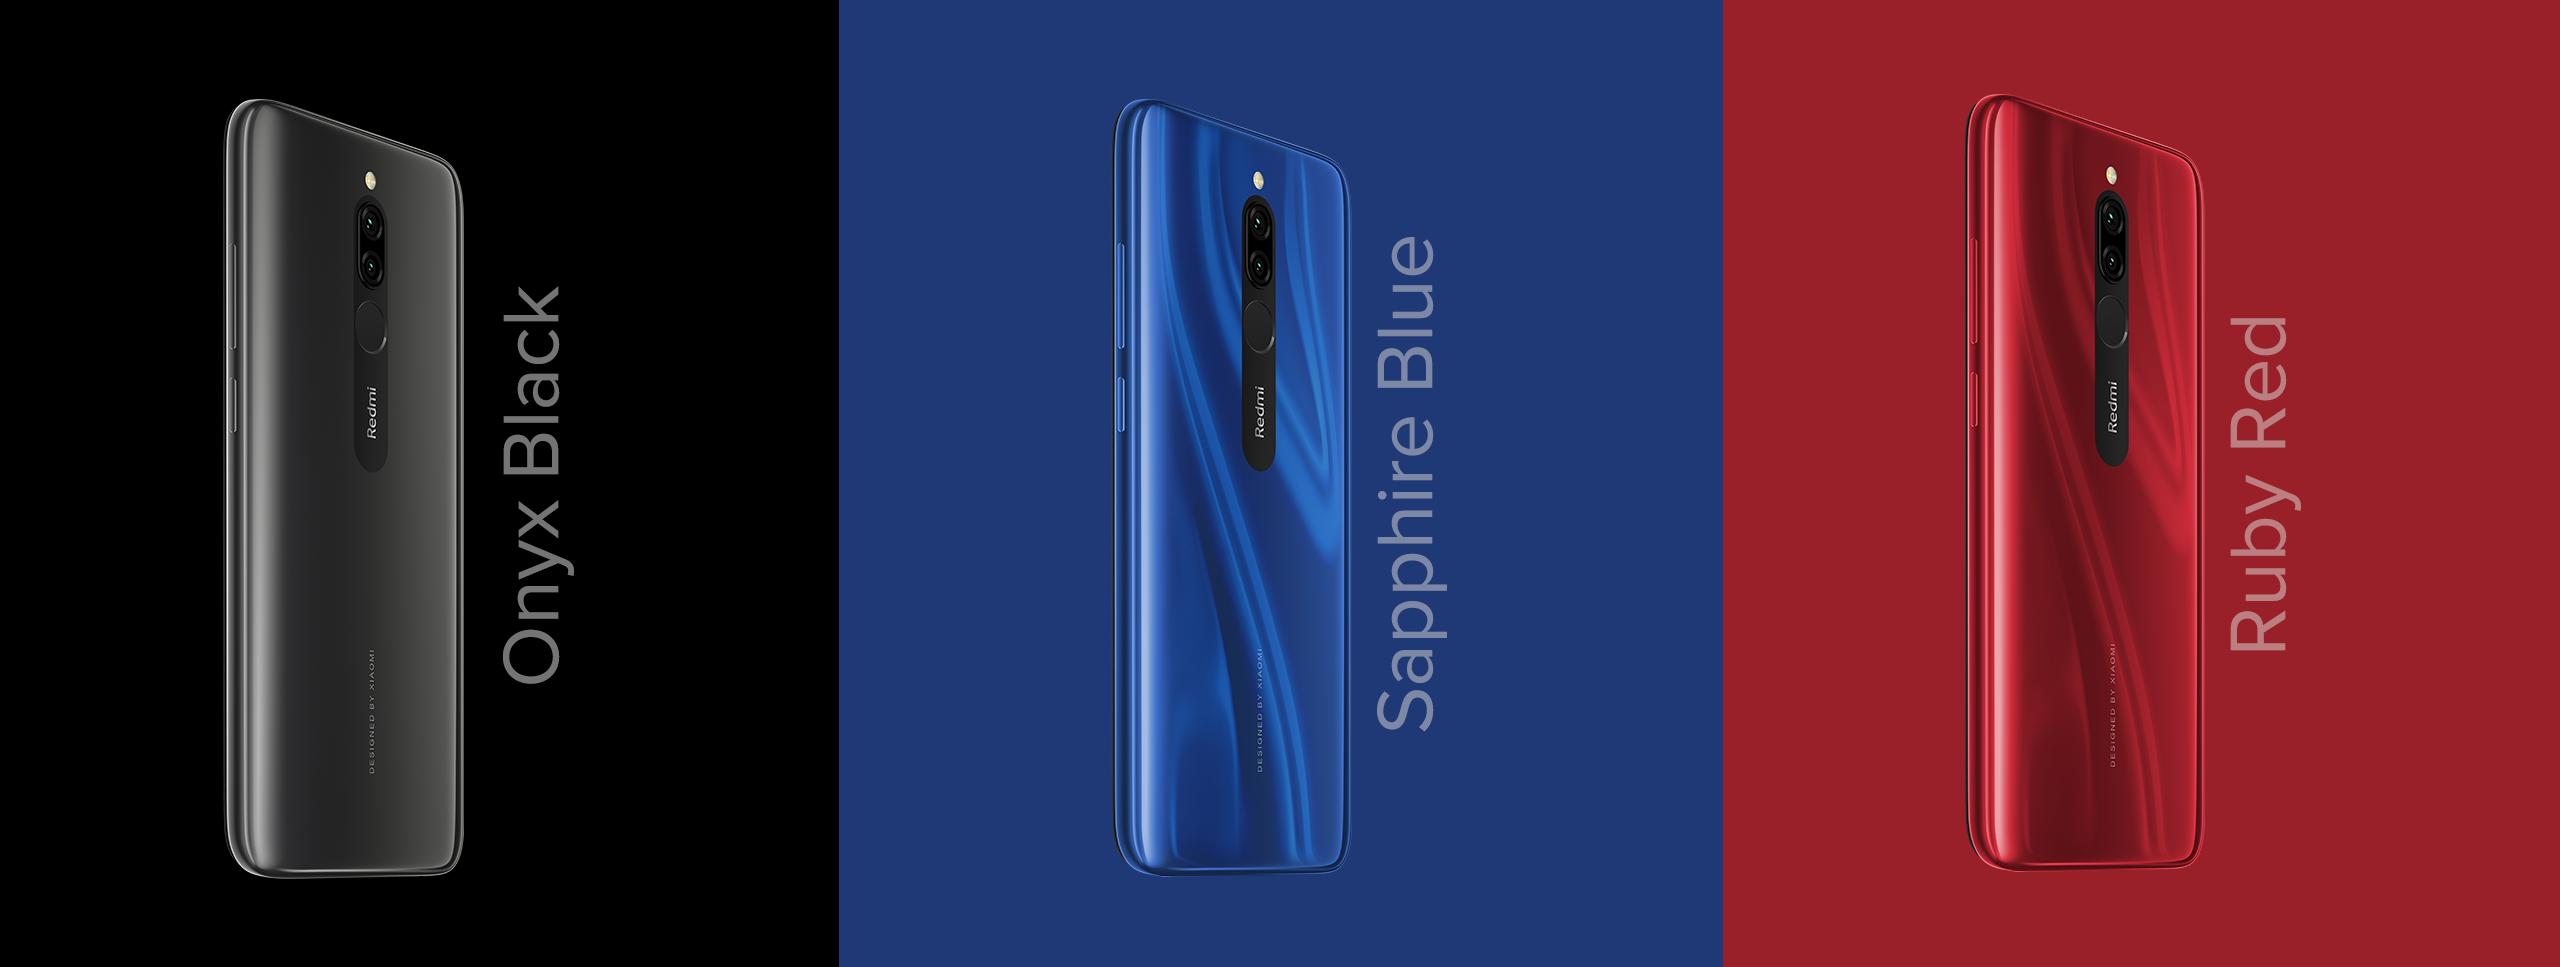 Spesifikasi Xiaomi Redmi 8 RAM 4GB Baterai 5000mAh Android termurah gaming 2019